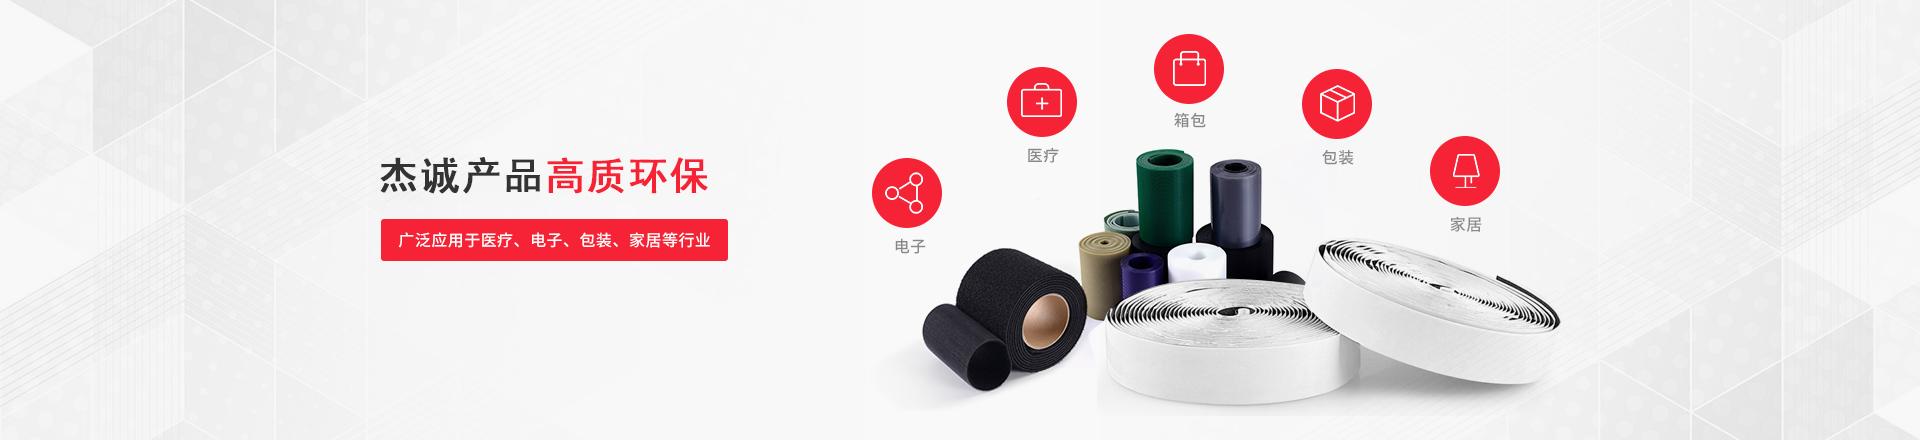 杰基产品高质环保,广泛应用于医疗、电子、包装、家居等行业